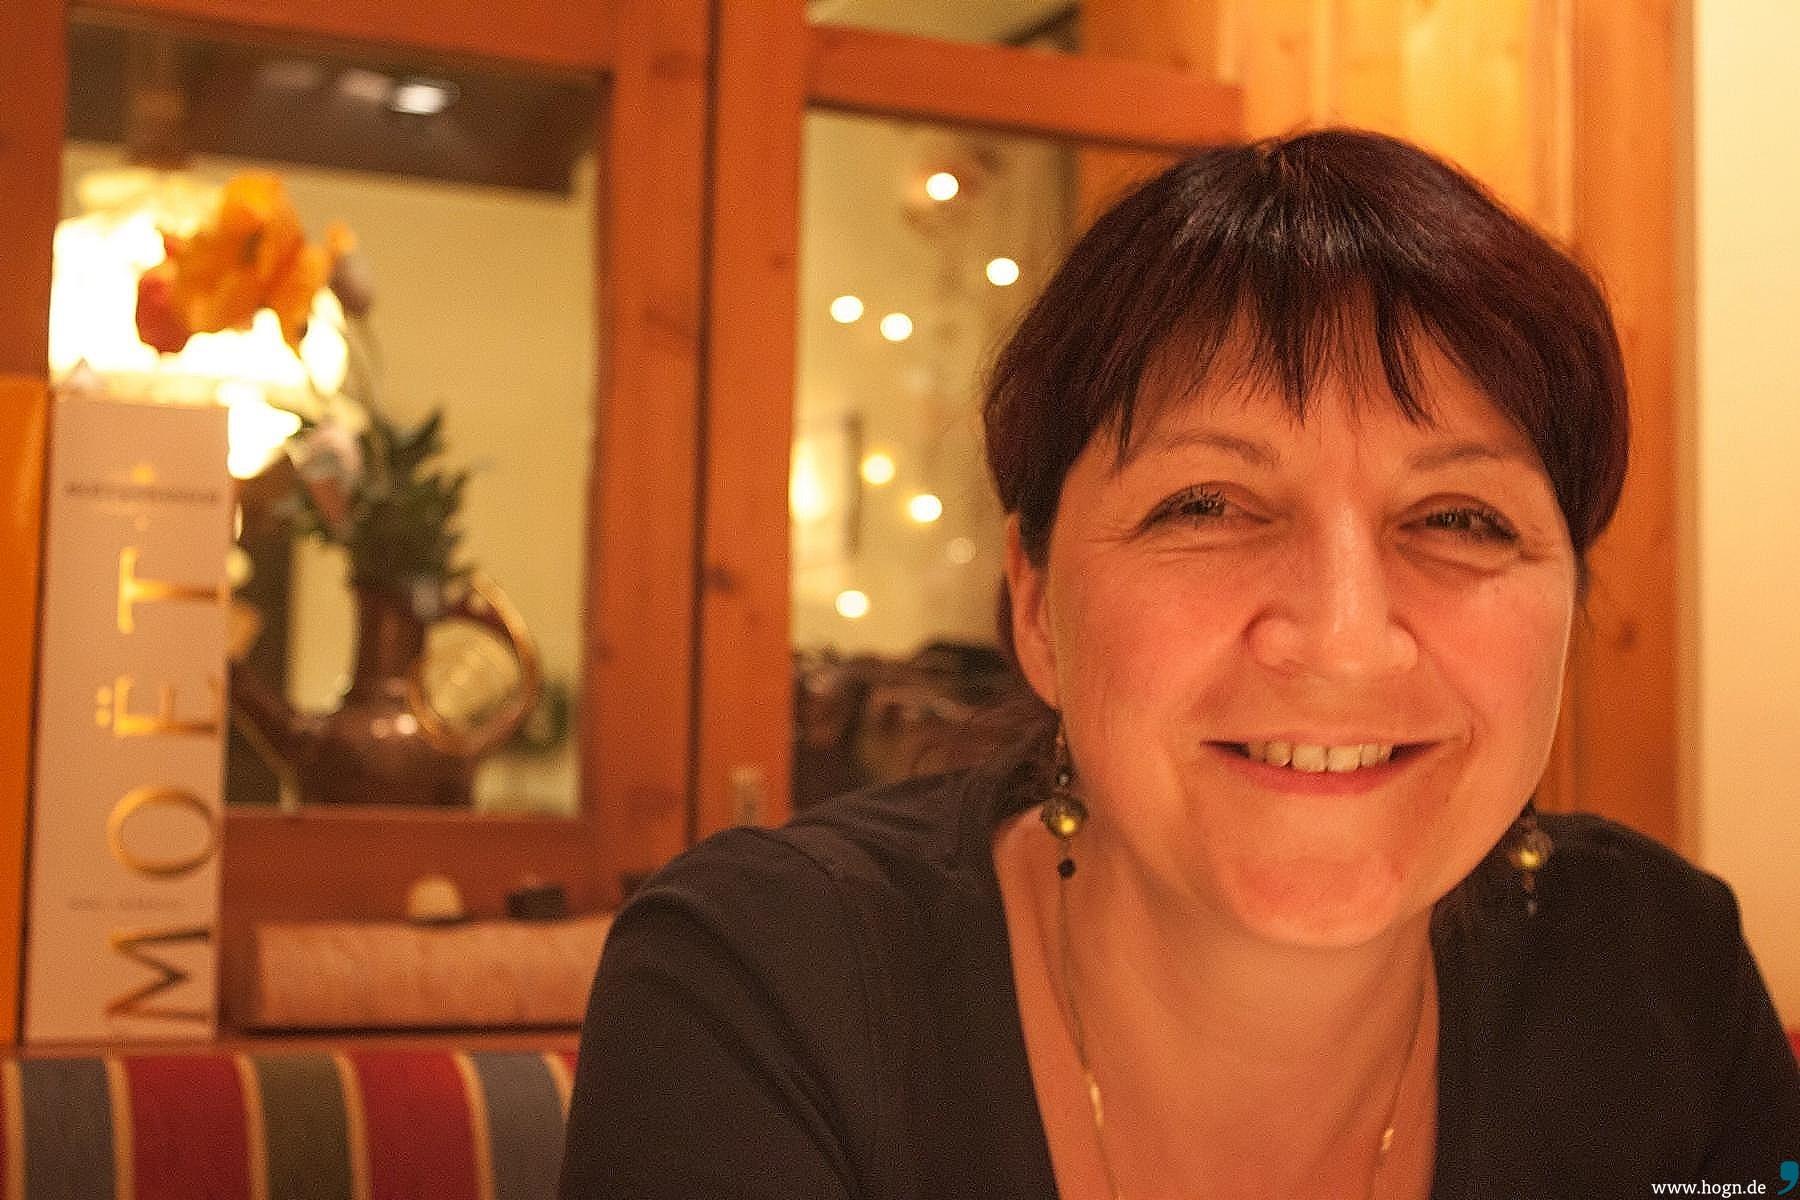 Babsi Knaus, 47, Freyung